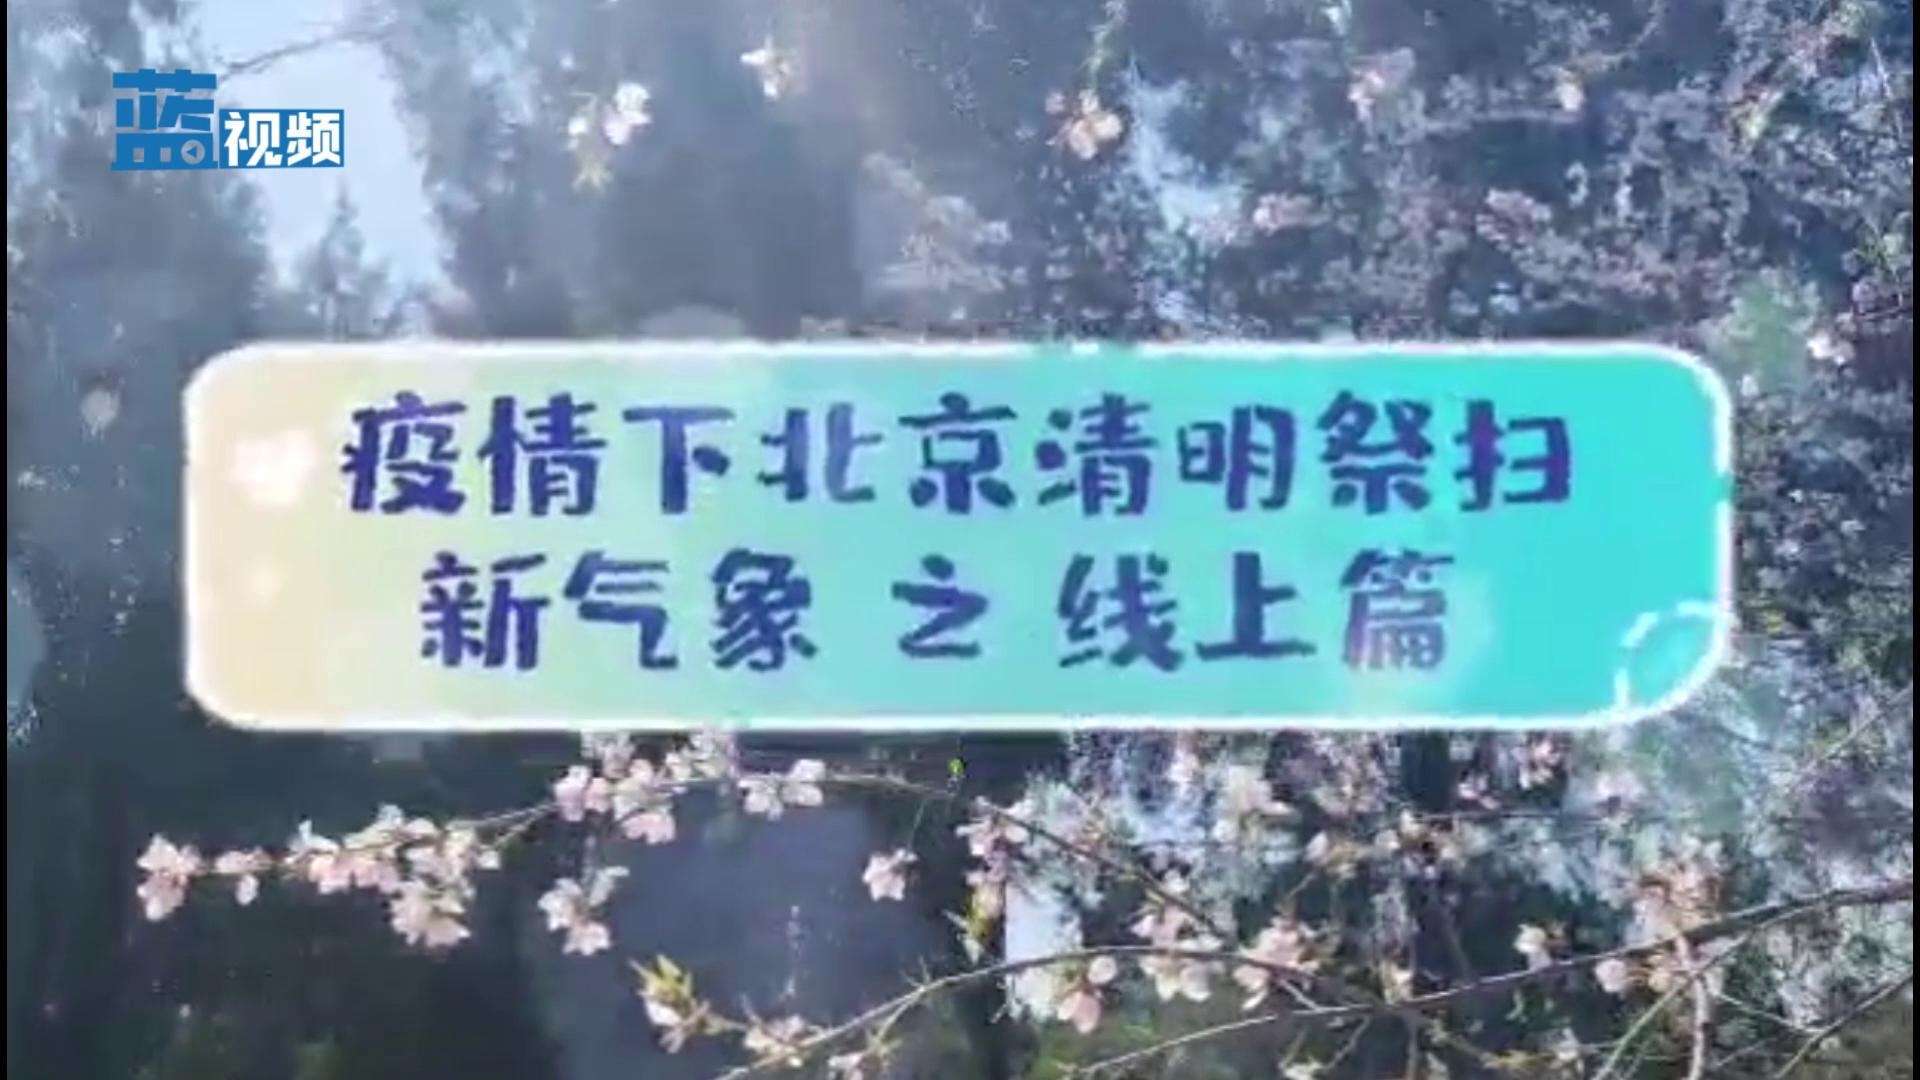 疫情下北京清明祭扫新气象 之 线上篇